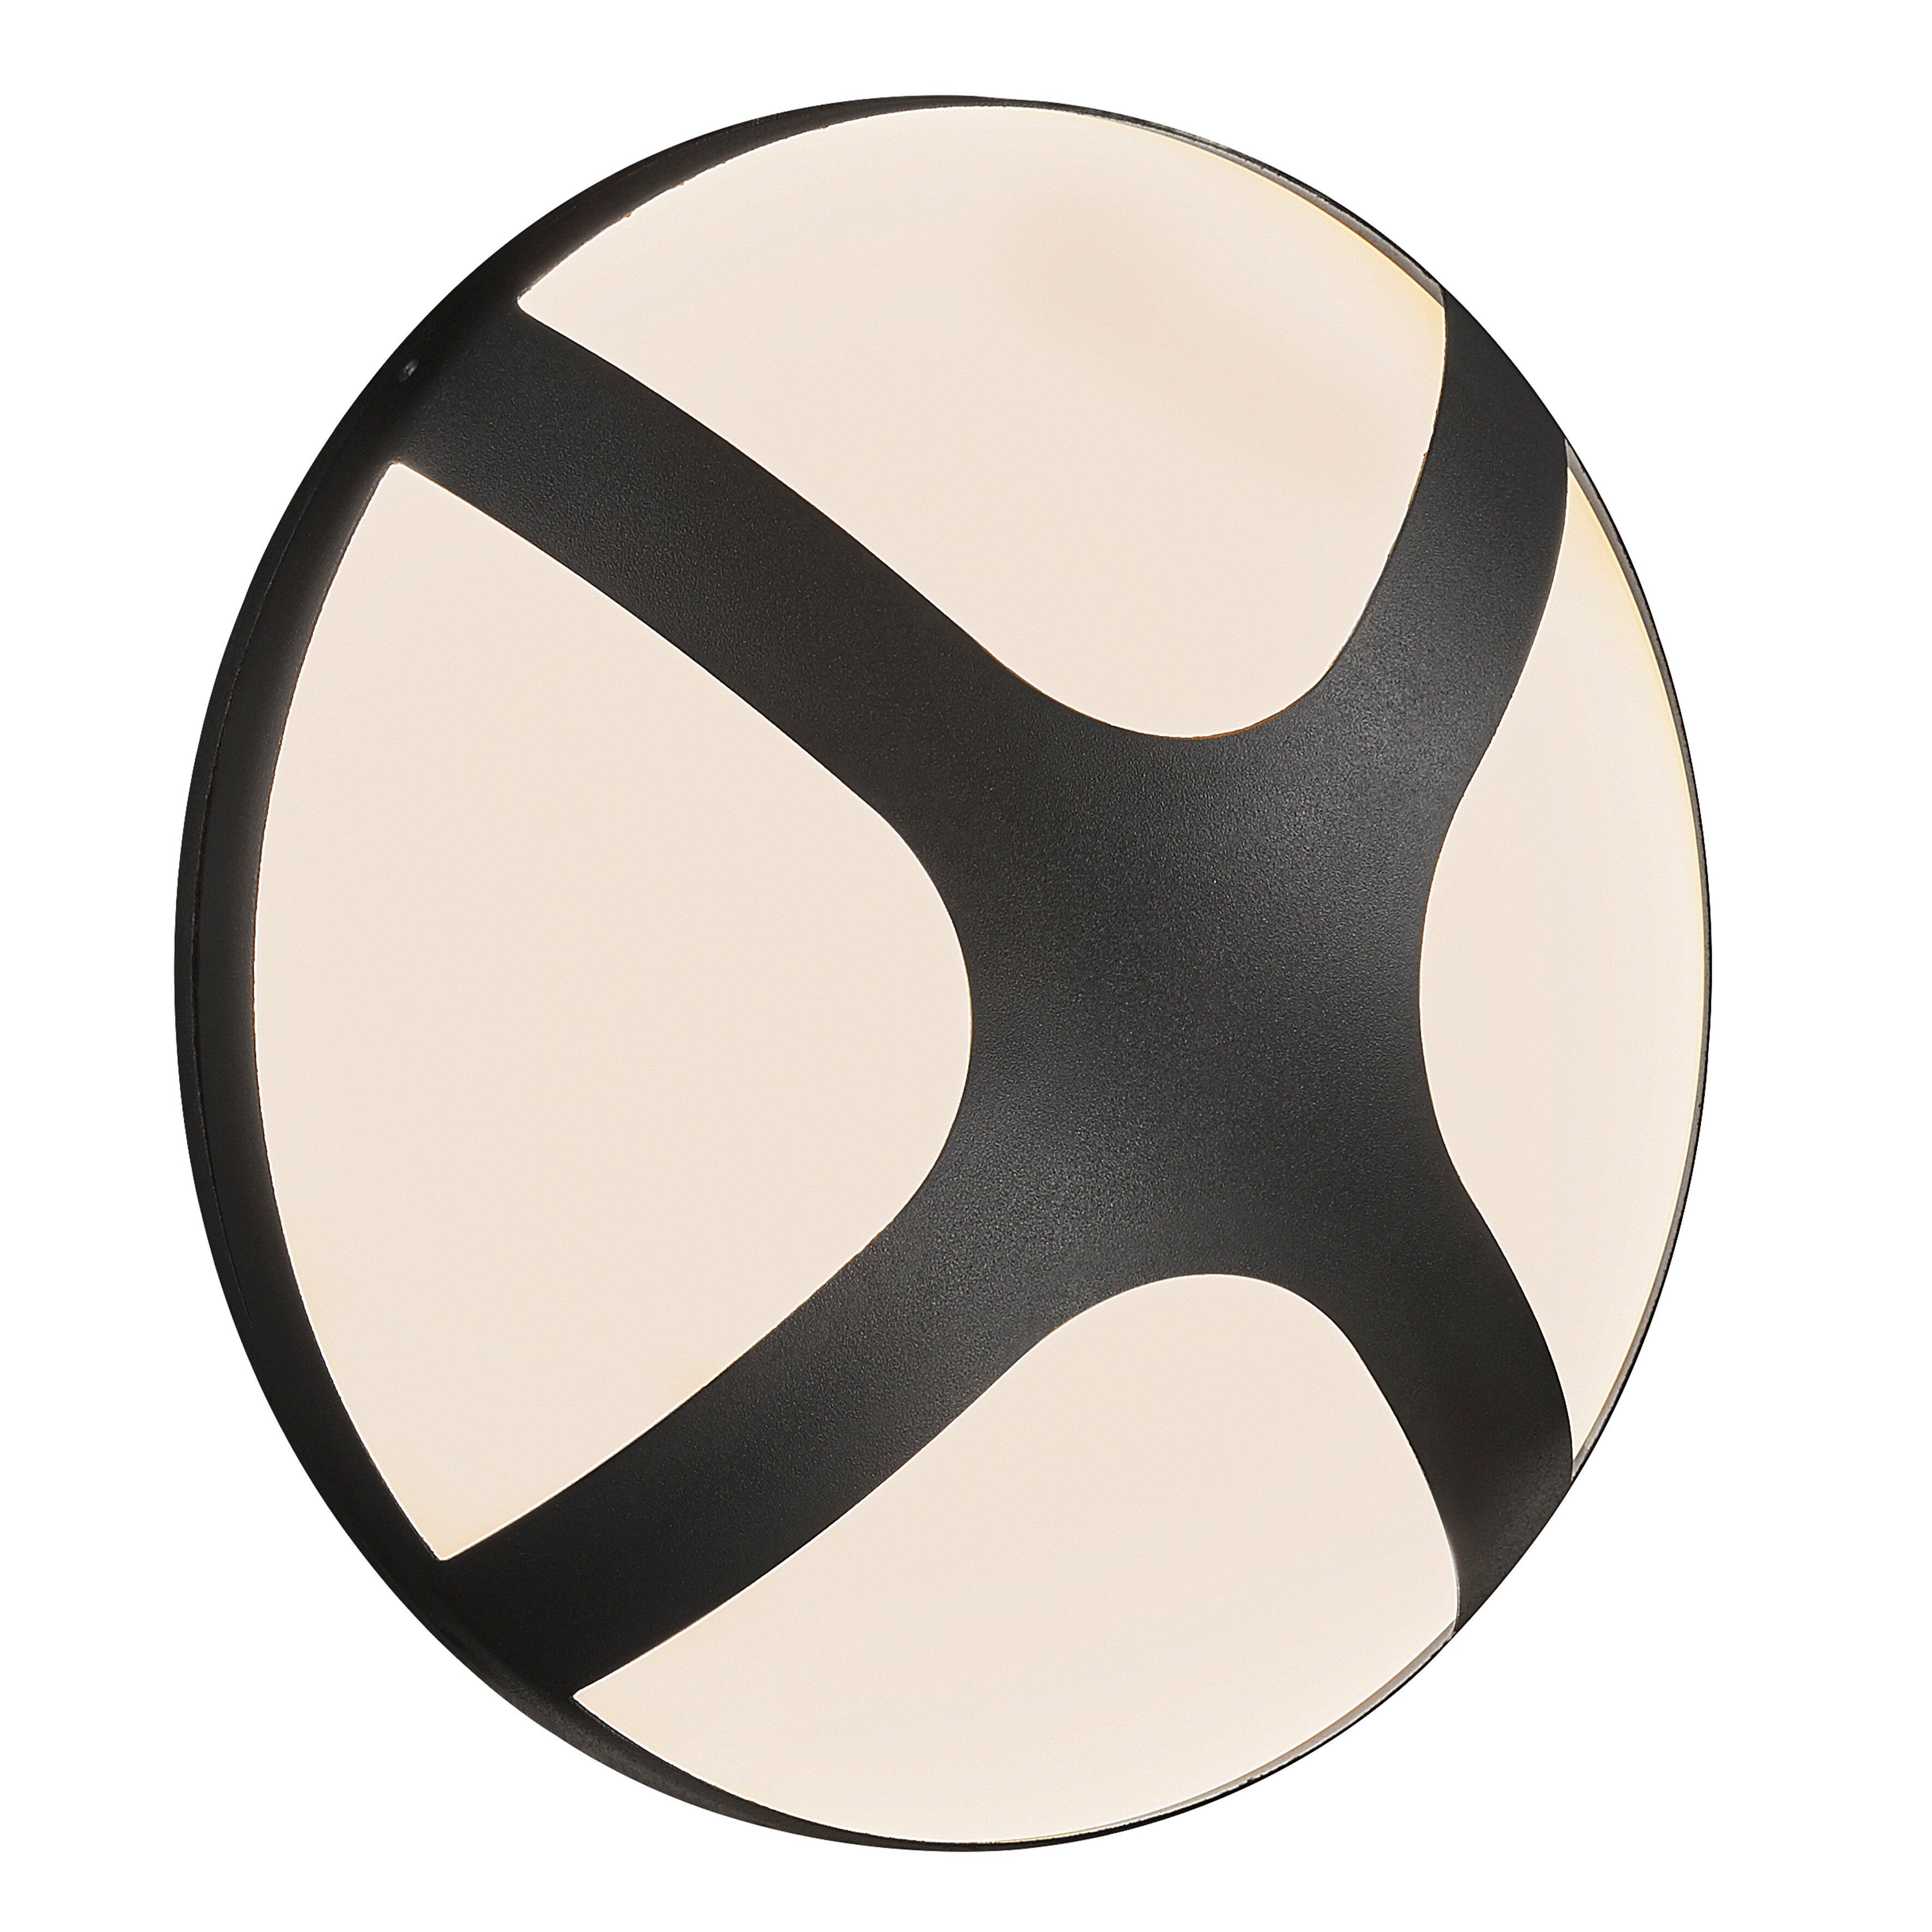 Cross 25 vägglampa svart/frostat glas